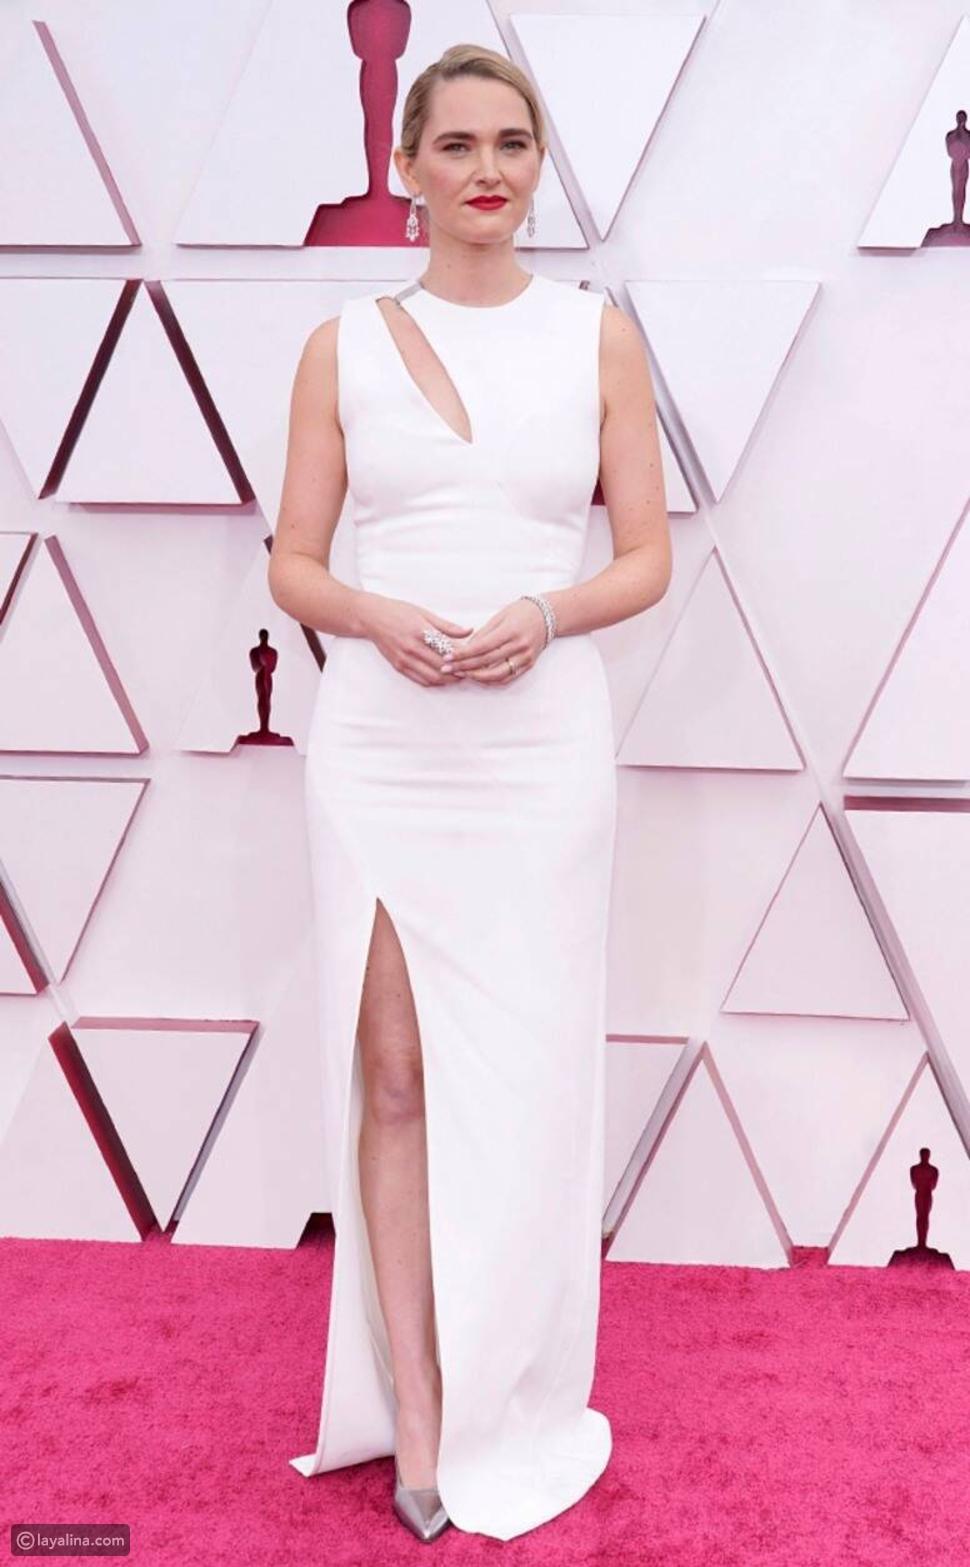 فستانالمخرجةجينا فريدمانفيحفل توزيع جوائز الأوسكار لعام 2021